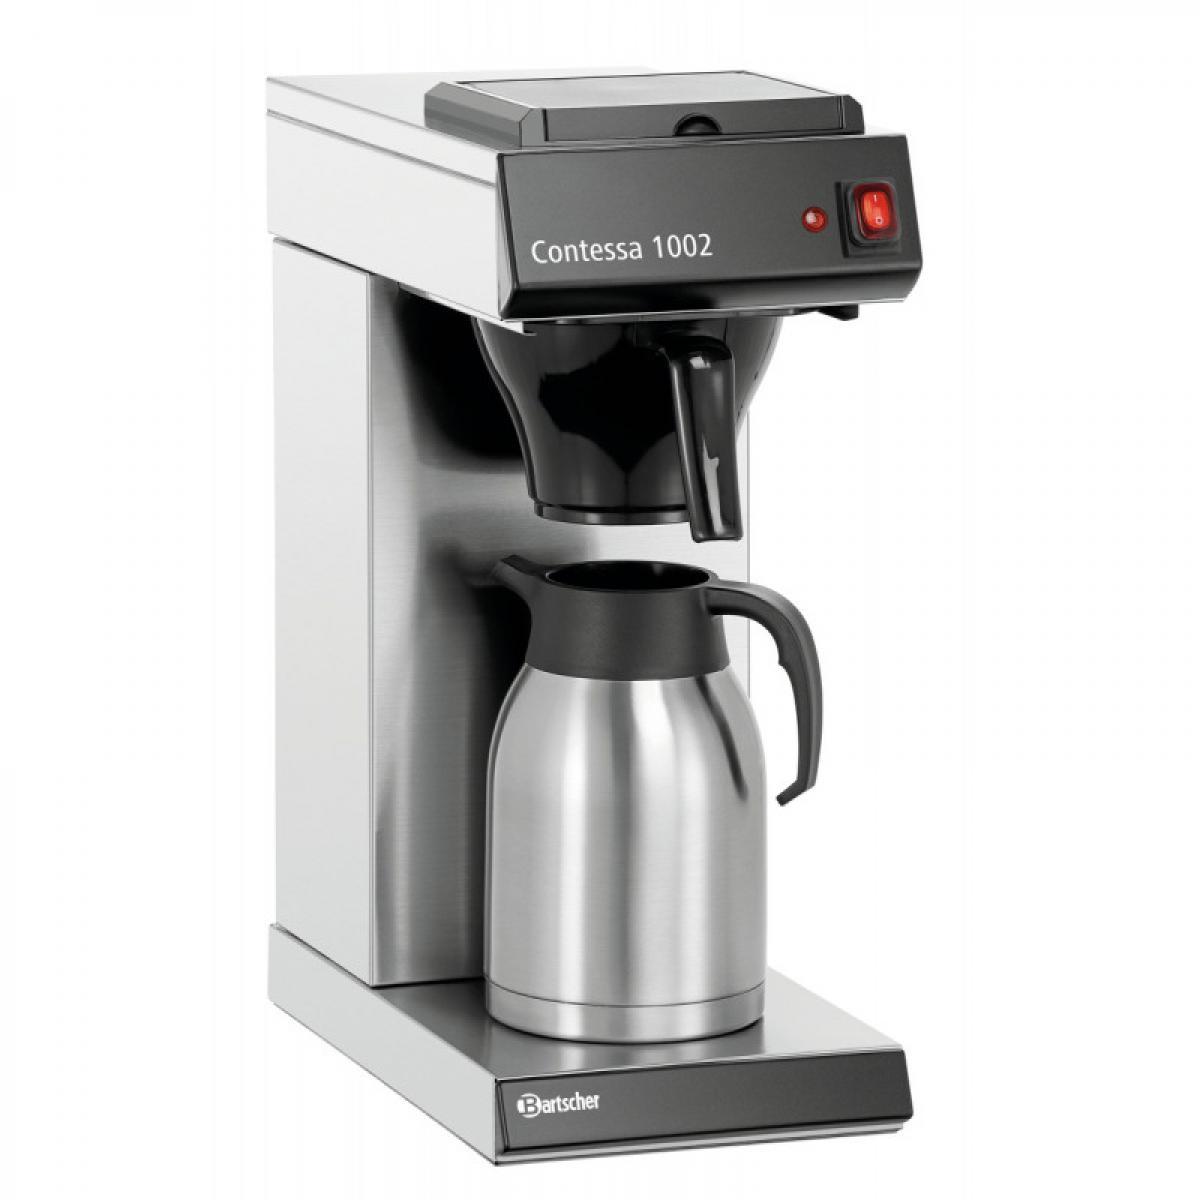 Bartscher Machine à Café Contessa 1002 - 2 Litres - Bartscher -